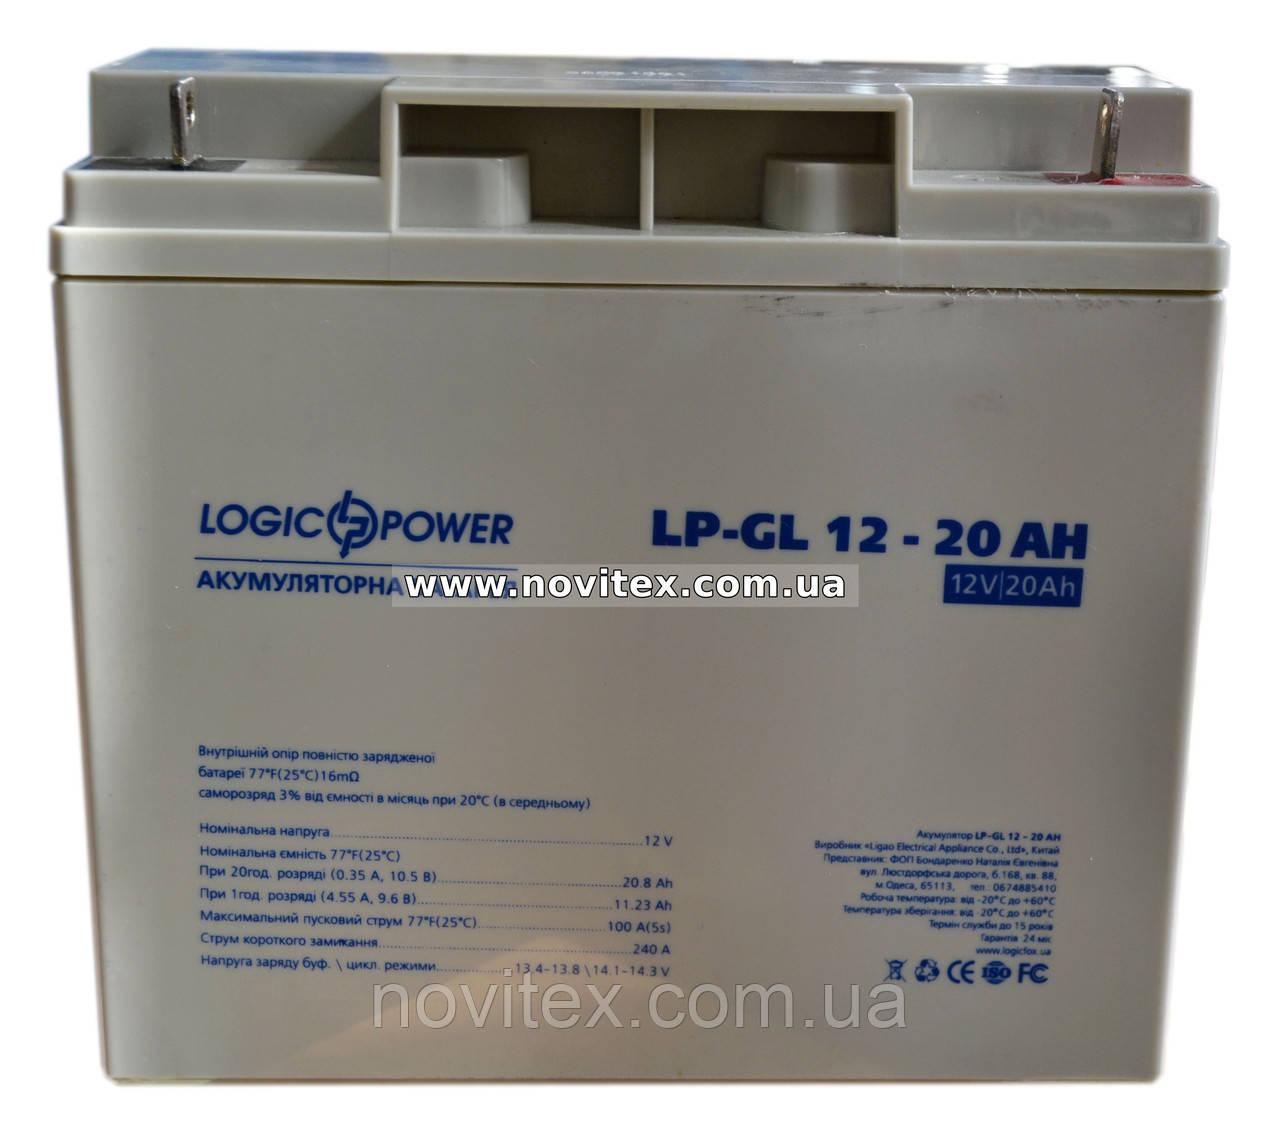 Аккумулятор гелевый Logicpower LP-GL 12V 20AH